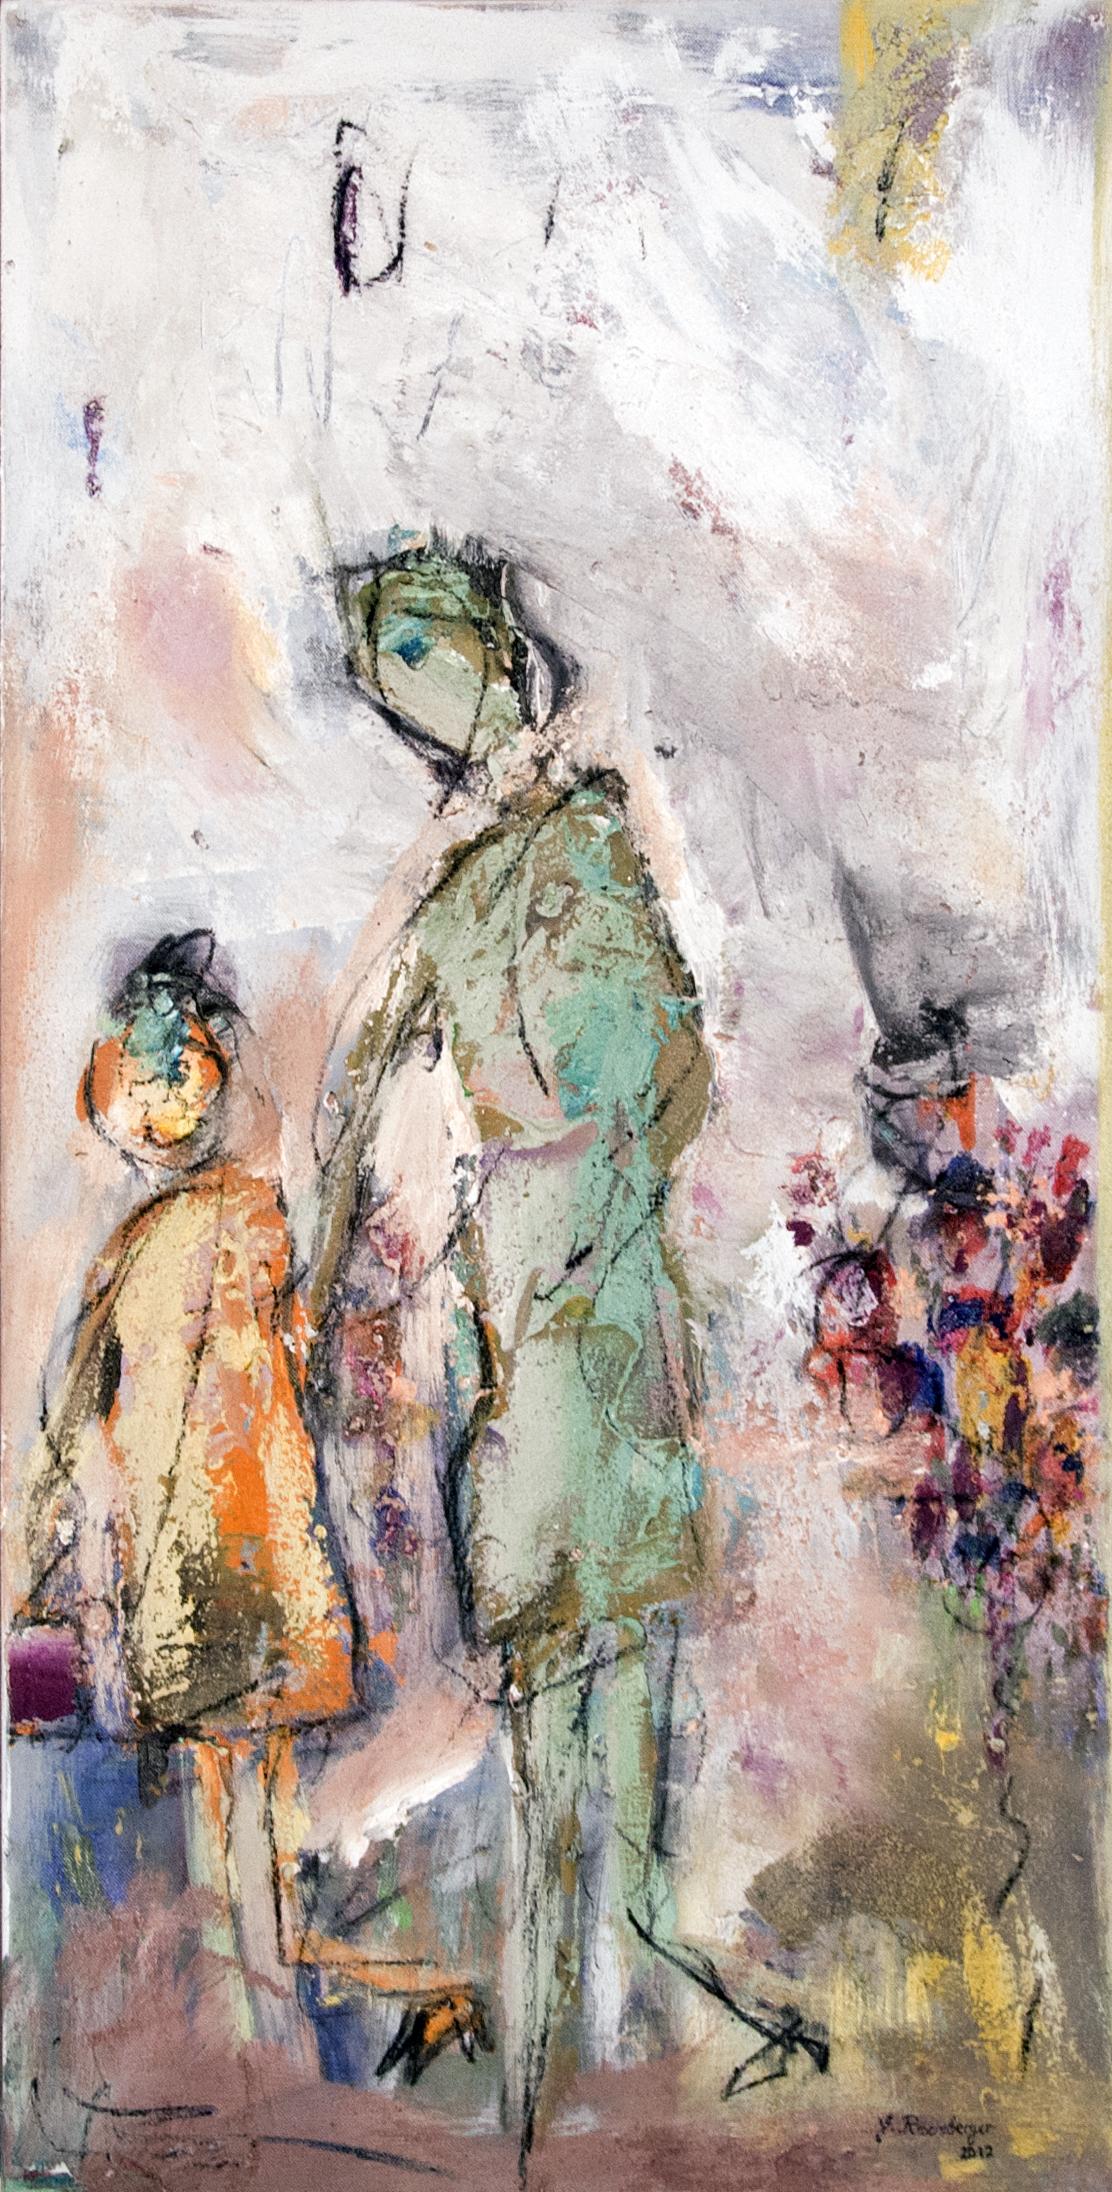 Gisela Rosenberger, Spaziergang, Acryl auf Leinwand